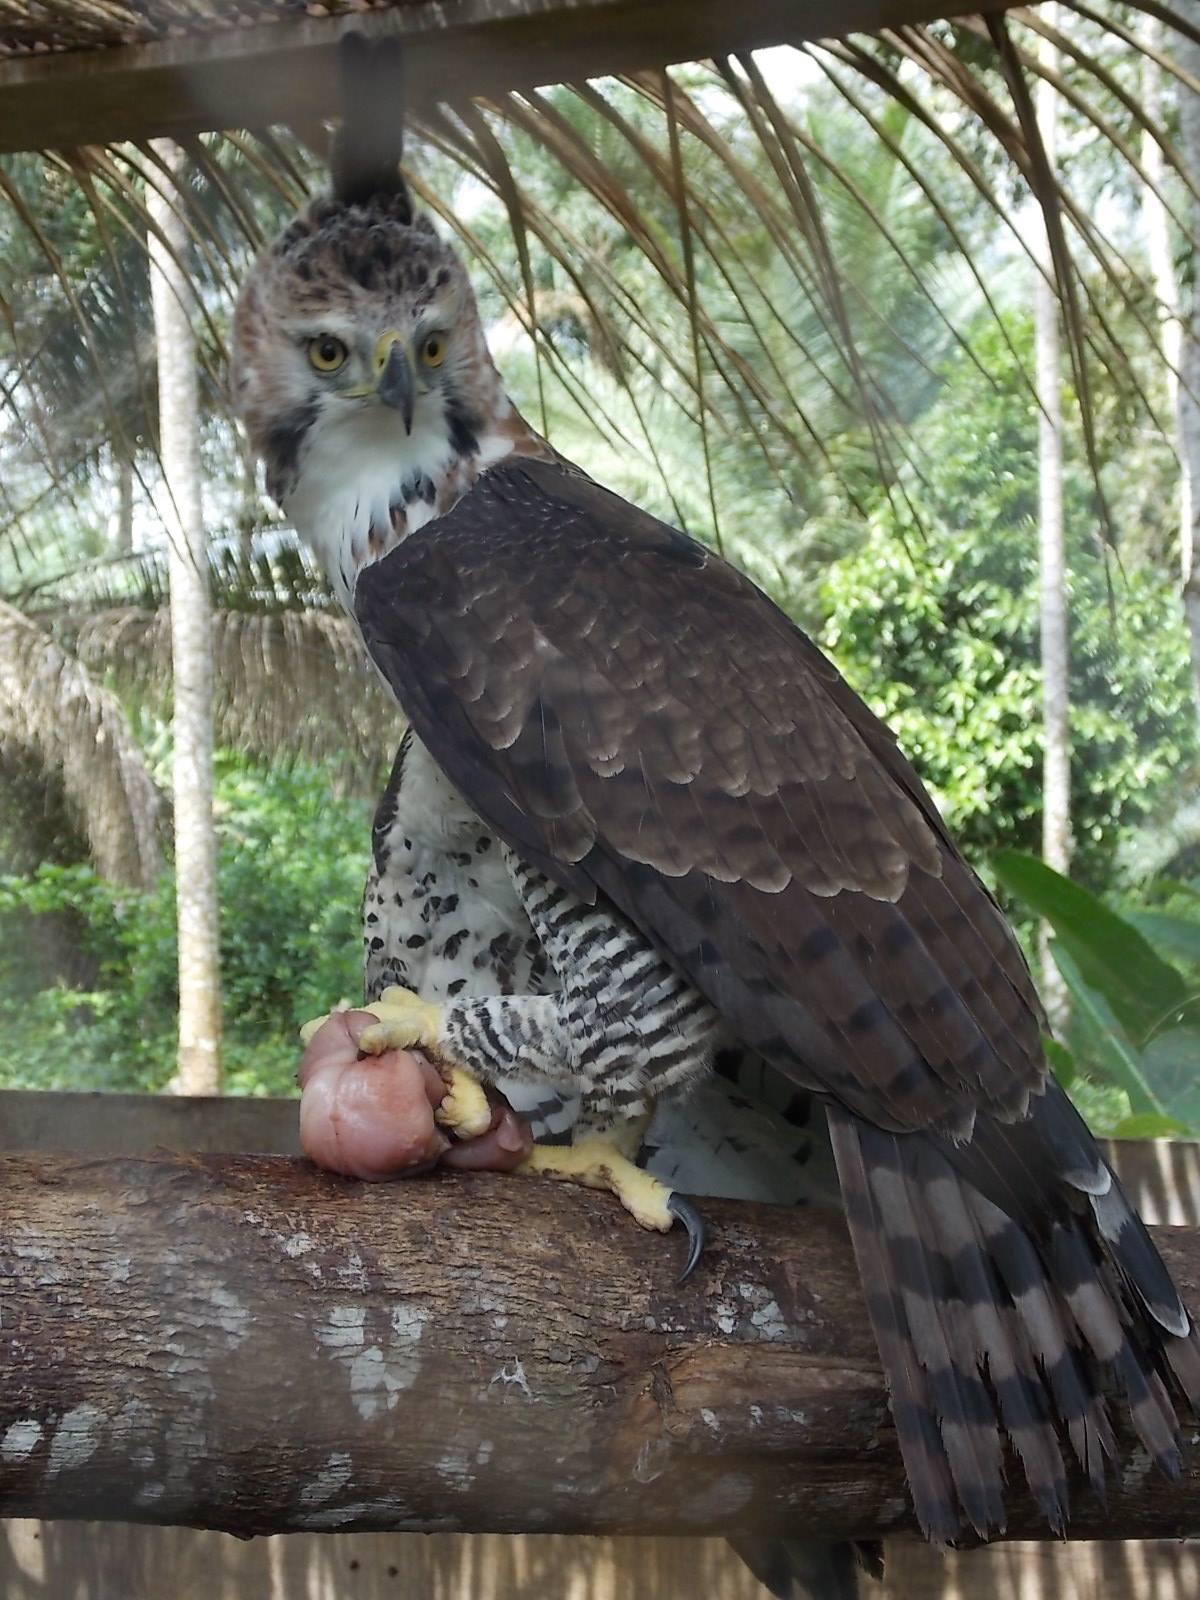 A well fed eagle